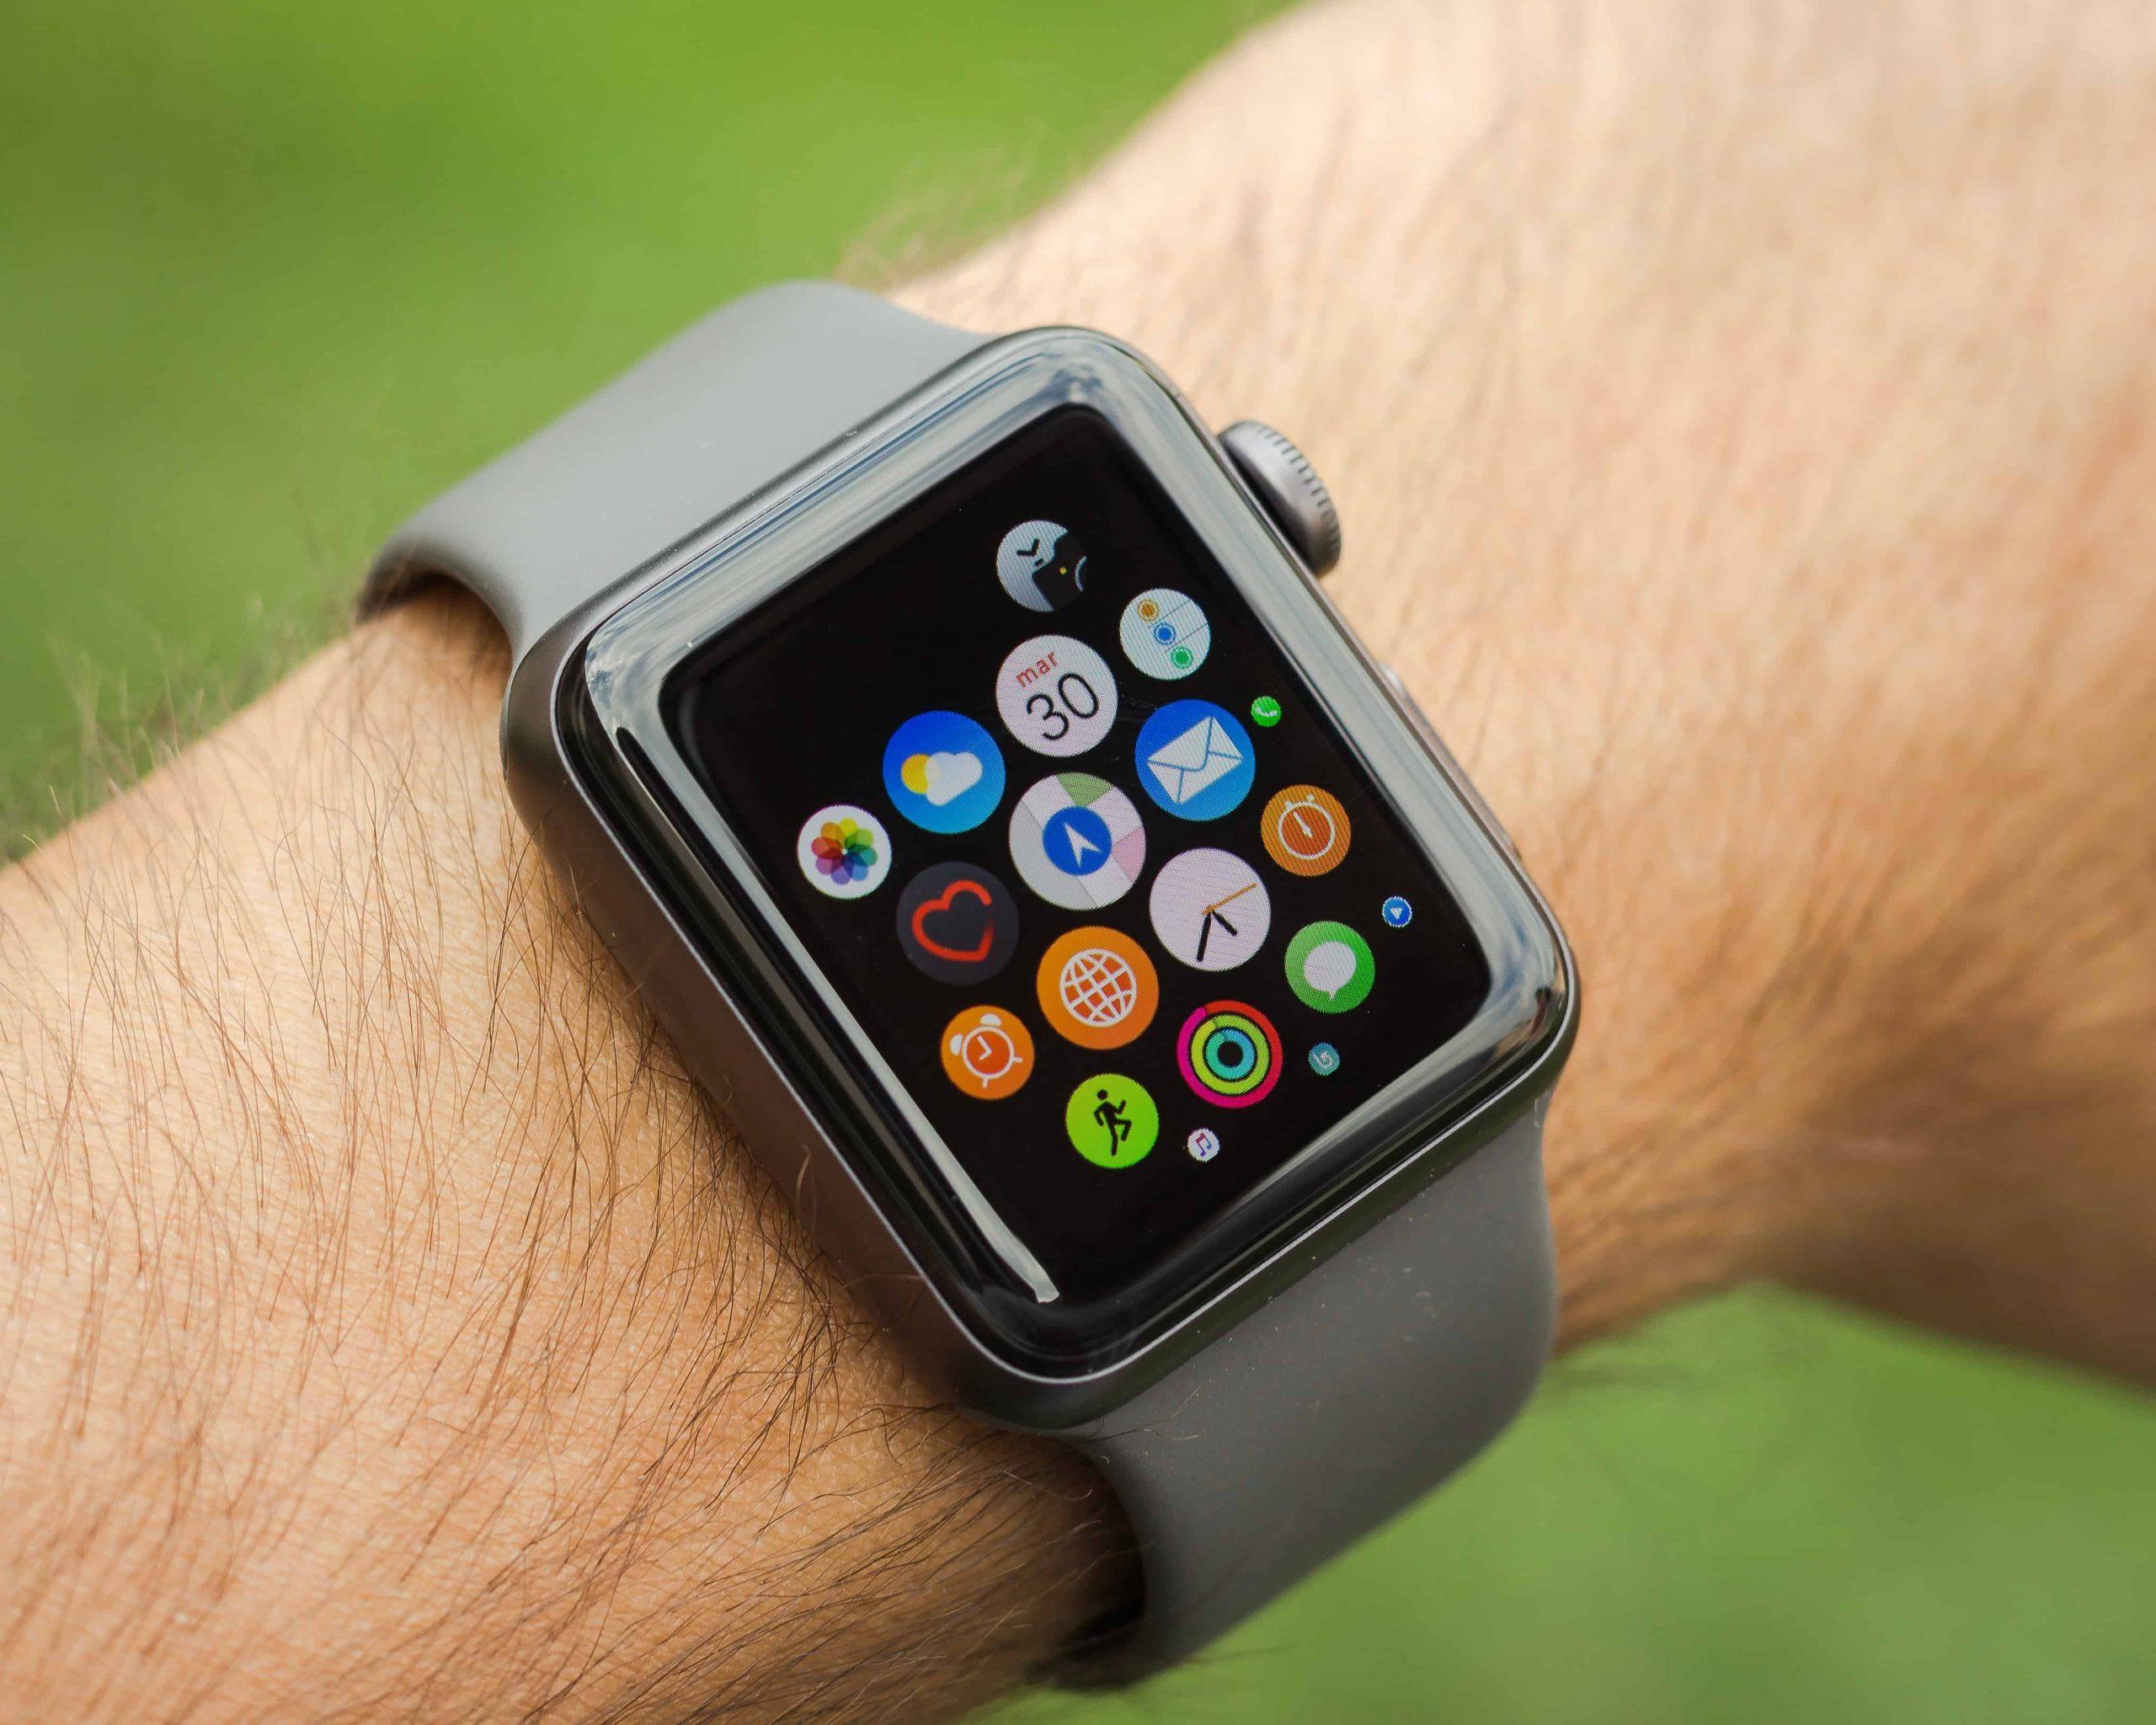 Miglior Apple Watch 2020: Guida all'acquisto